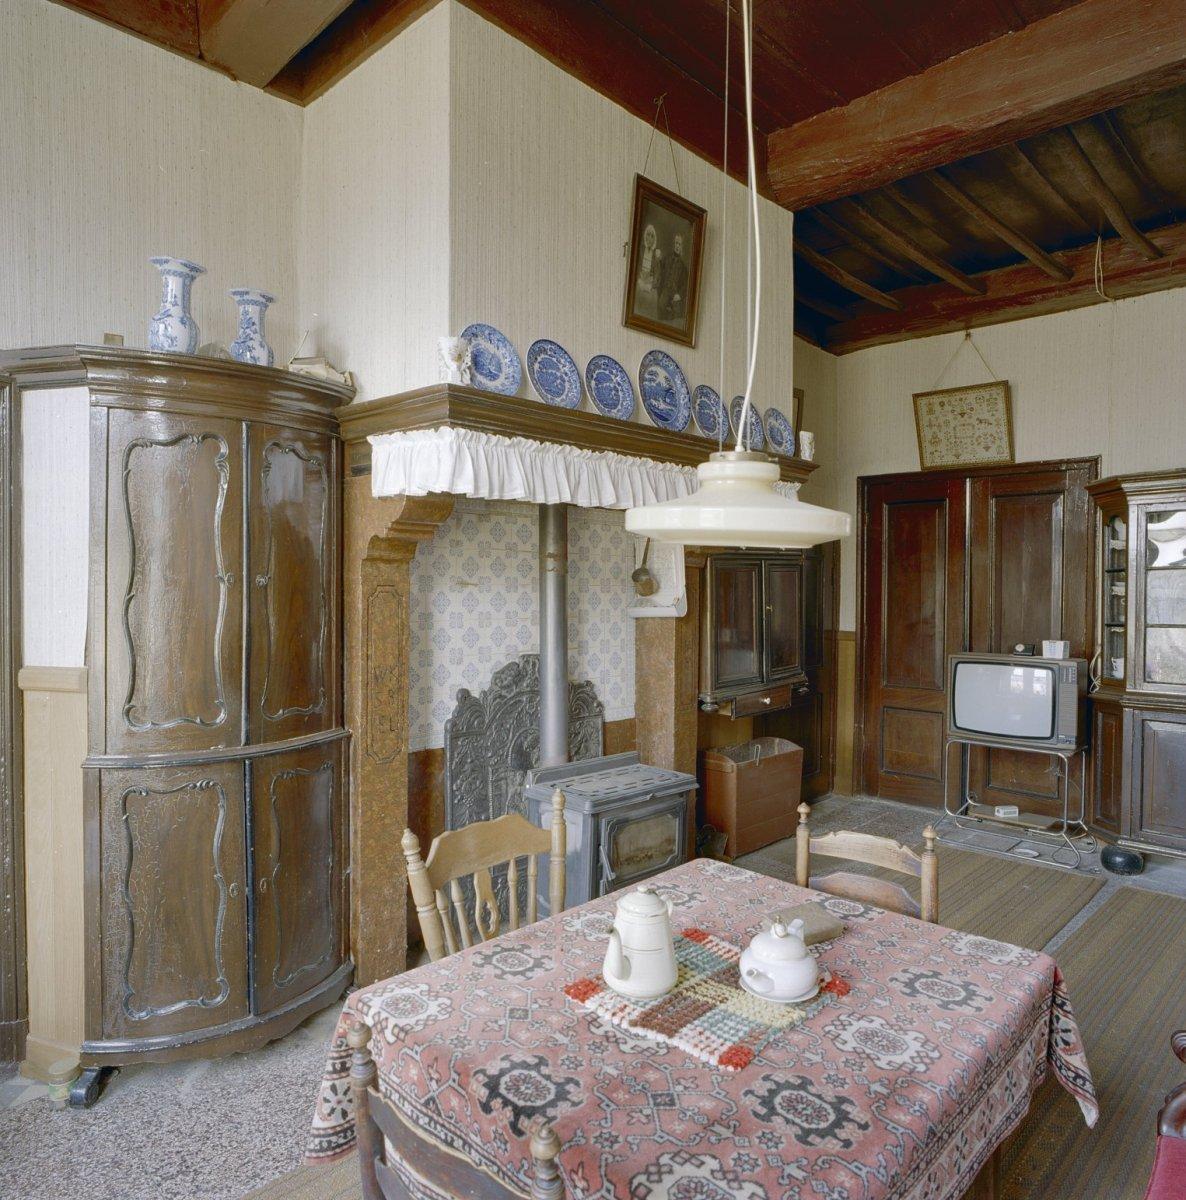 File:Interieur voorhuis, oude keuken - Winterswijk - 20346488 - RCE ...